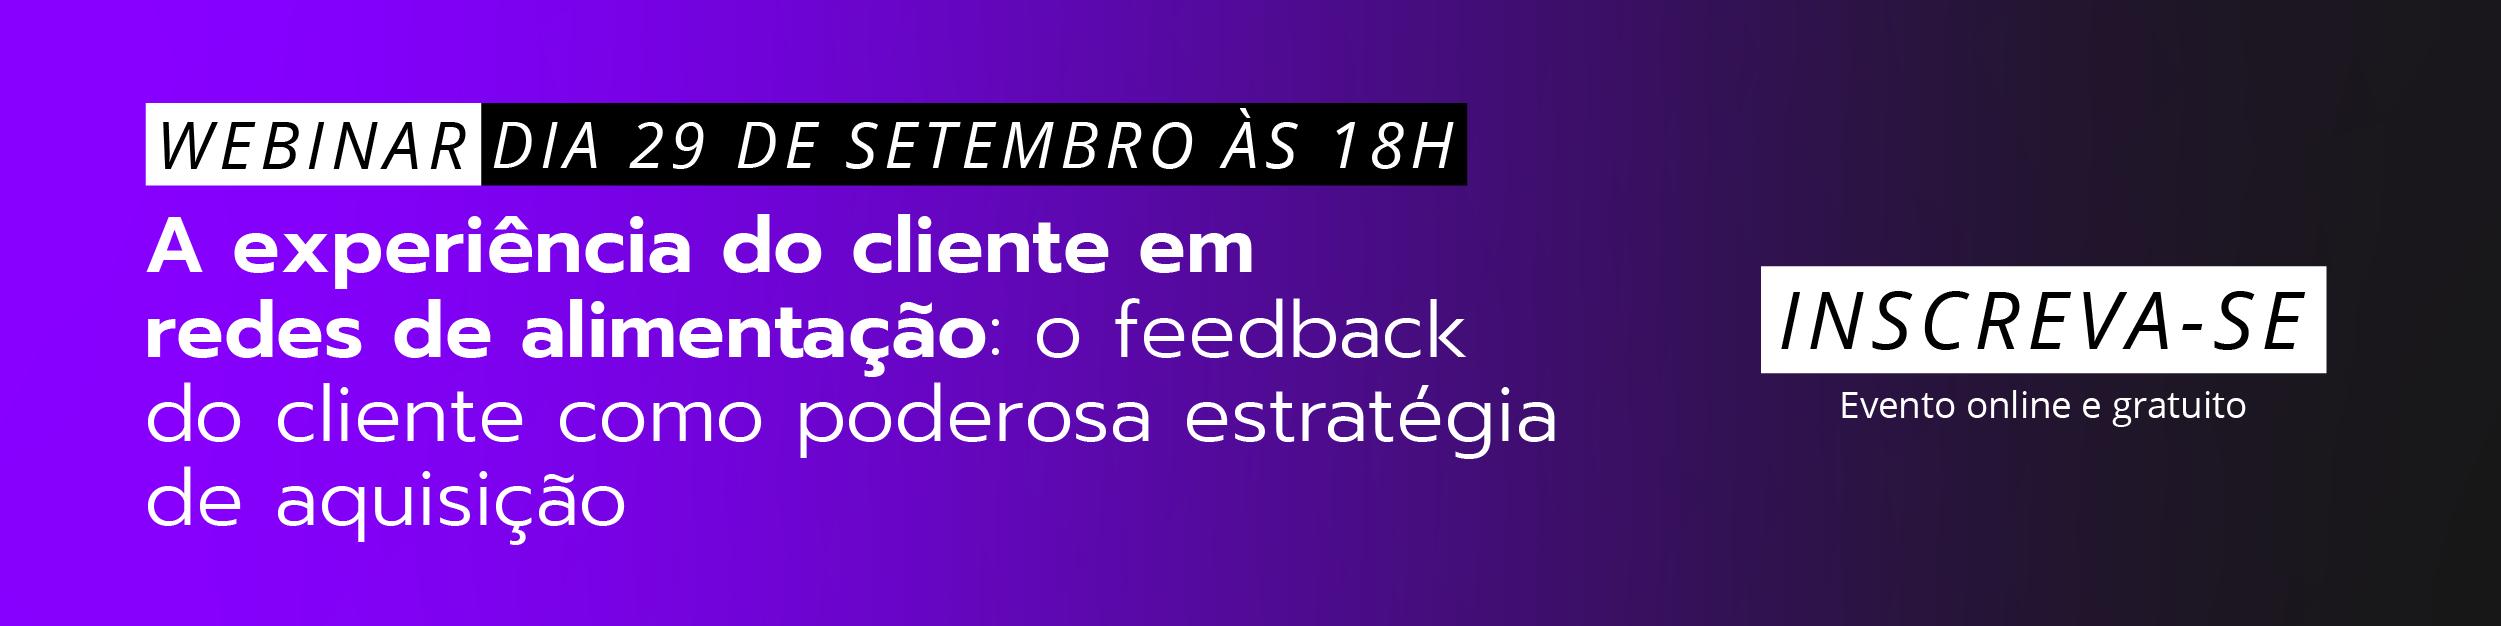 Banner webinar A experiência do cliente em redes de alimentação: o feedback do cliente como poderosa estratégia de aquisição